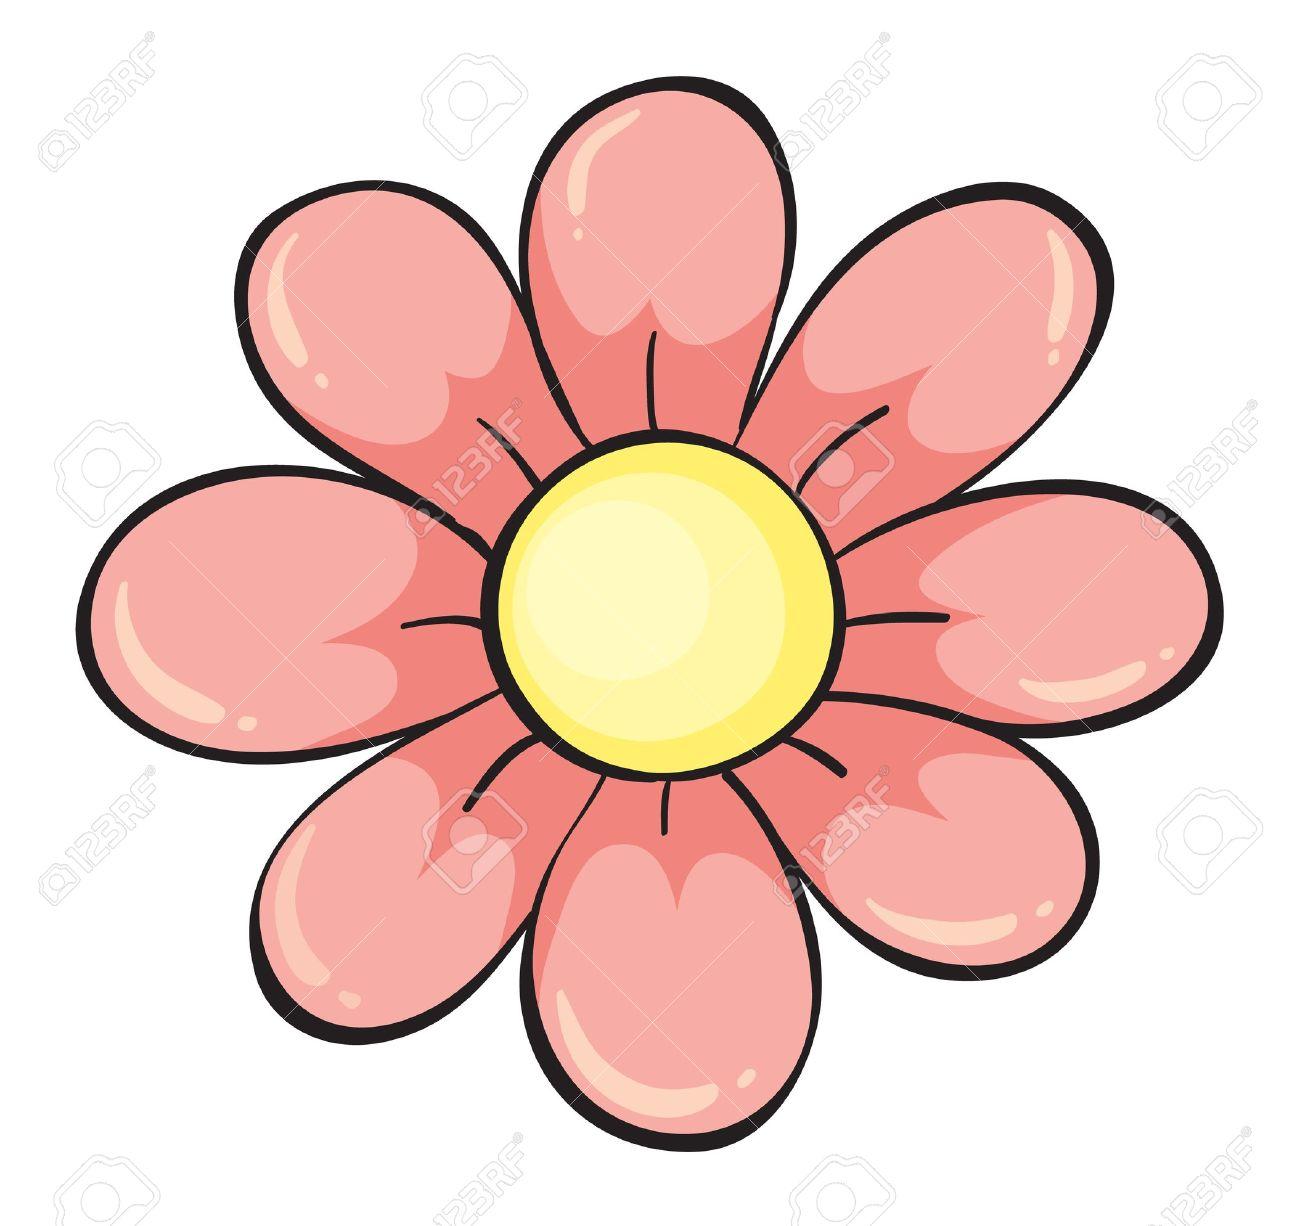 fleur illustration l atelier des fleurs flower clip art black outline flower clip art pics